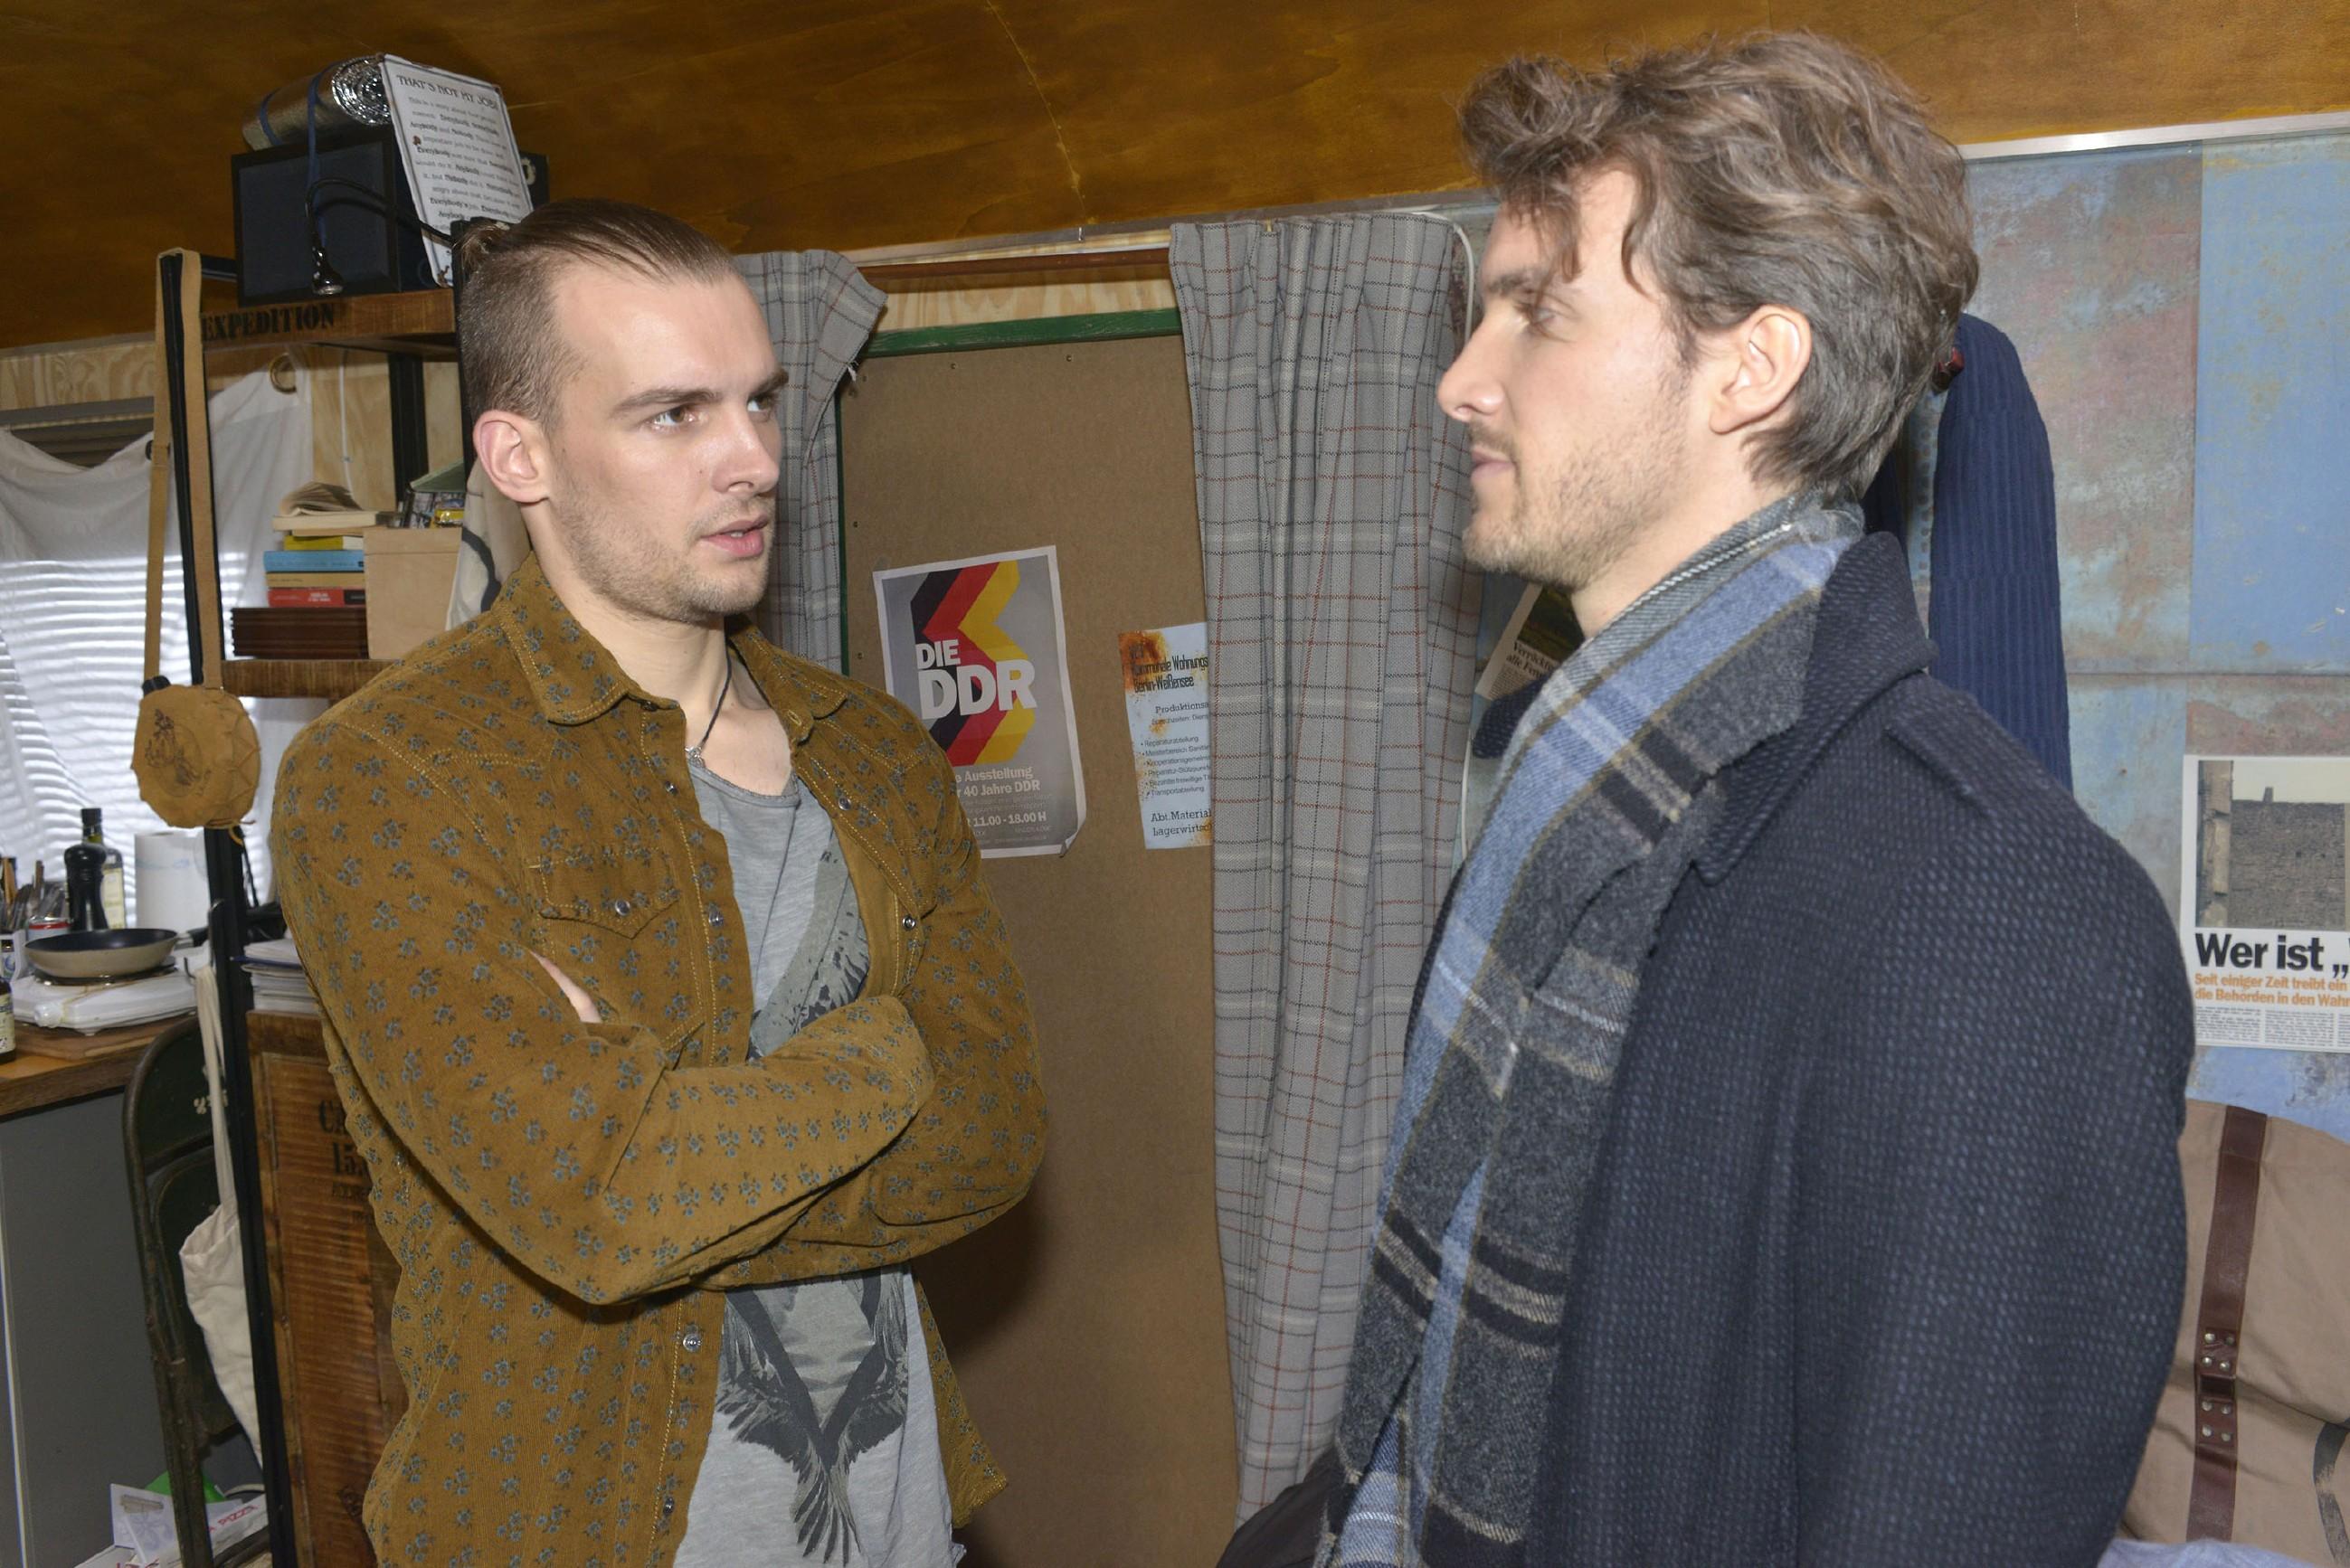 Felix (Thaddäus Meilinger, r.) versucht Chris (Eric Stehfest) zu provozieren, indem er ihm sein Glück mit Sunny unter die Nase reibt... (Quelle: RTL / Rolf Baumgartner)